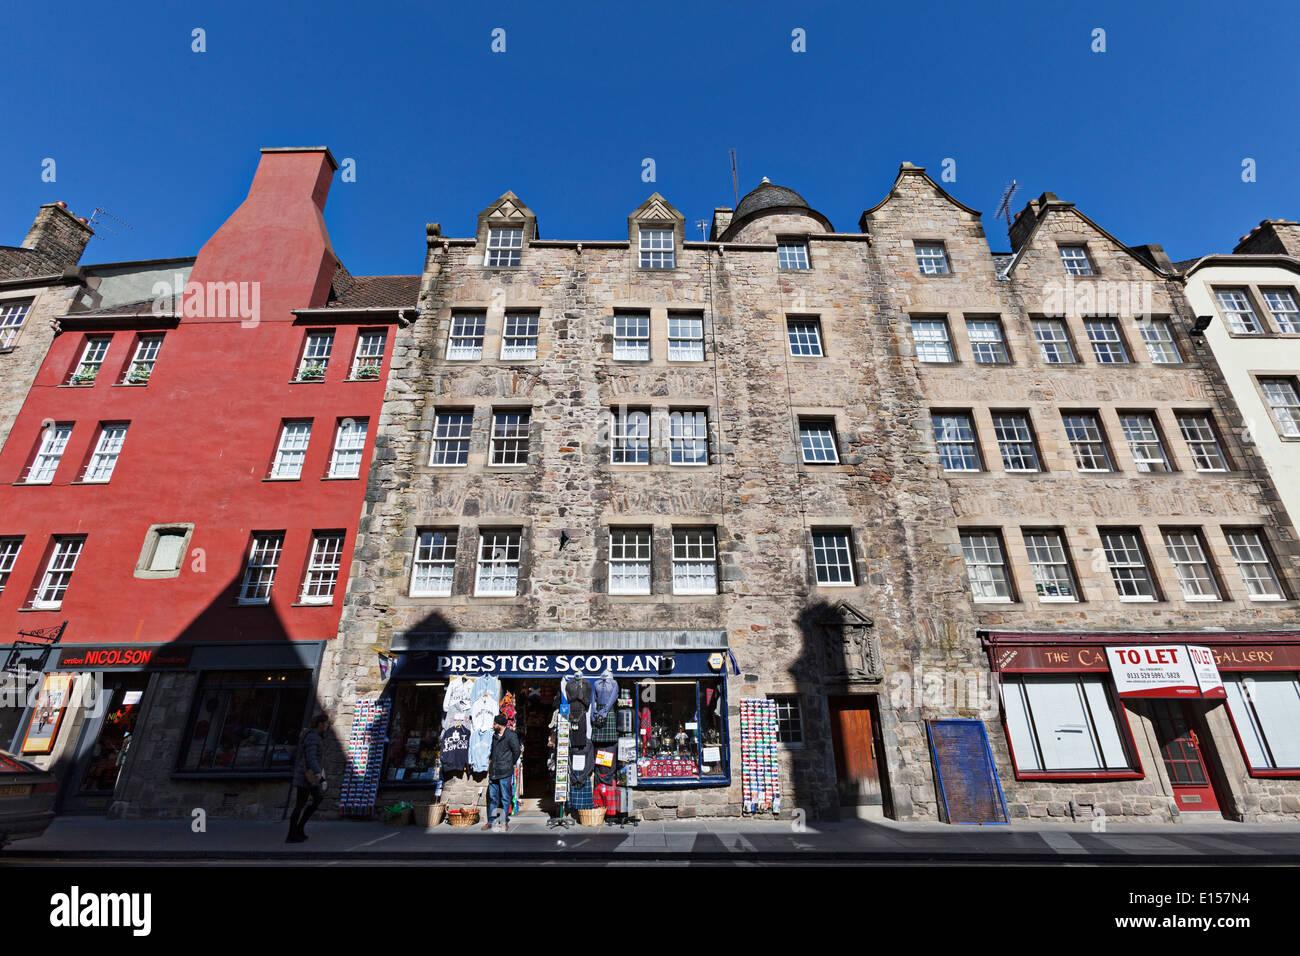 Architettura tradizionale e un souvenir scozzese regali sul Royal Mile di Edimburgo Immagini Stock